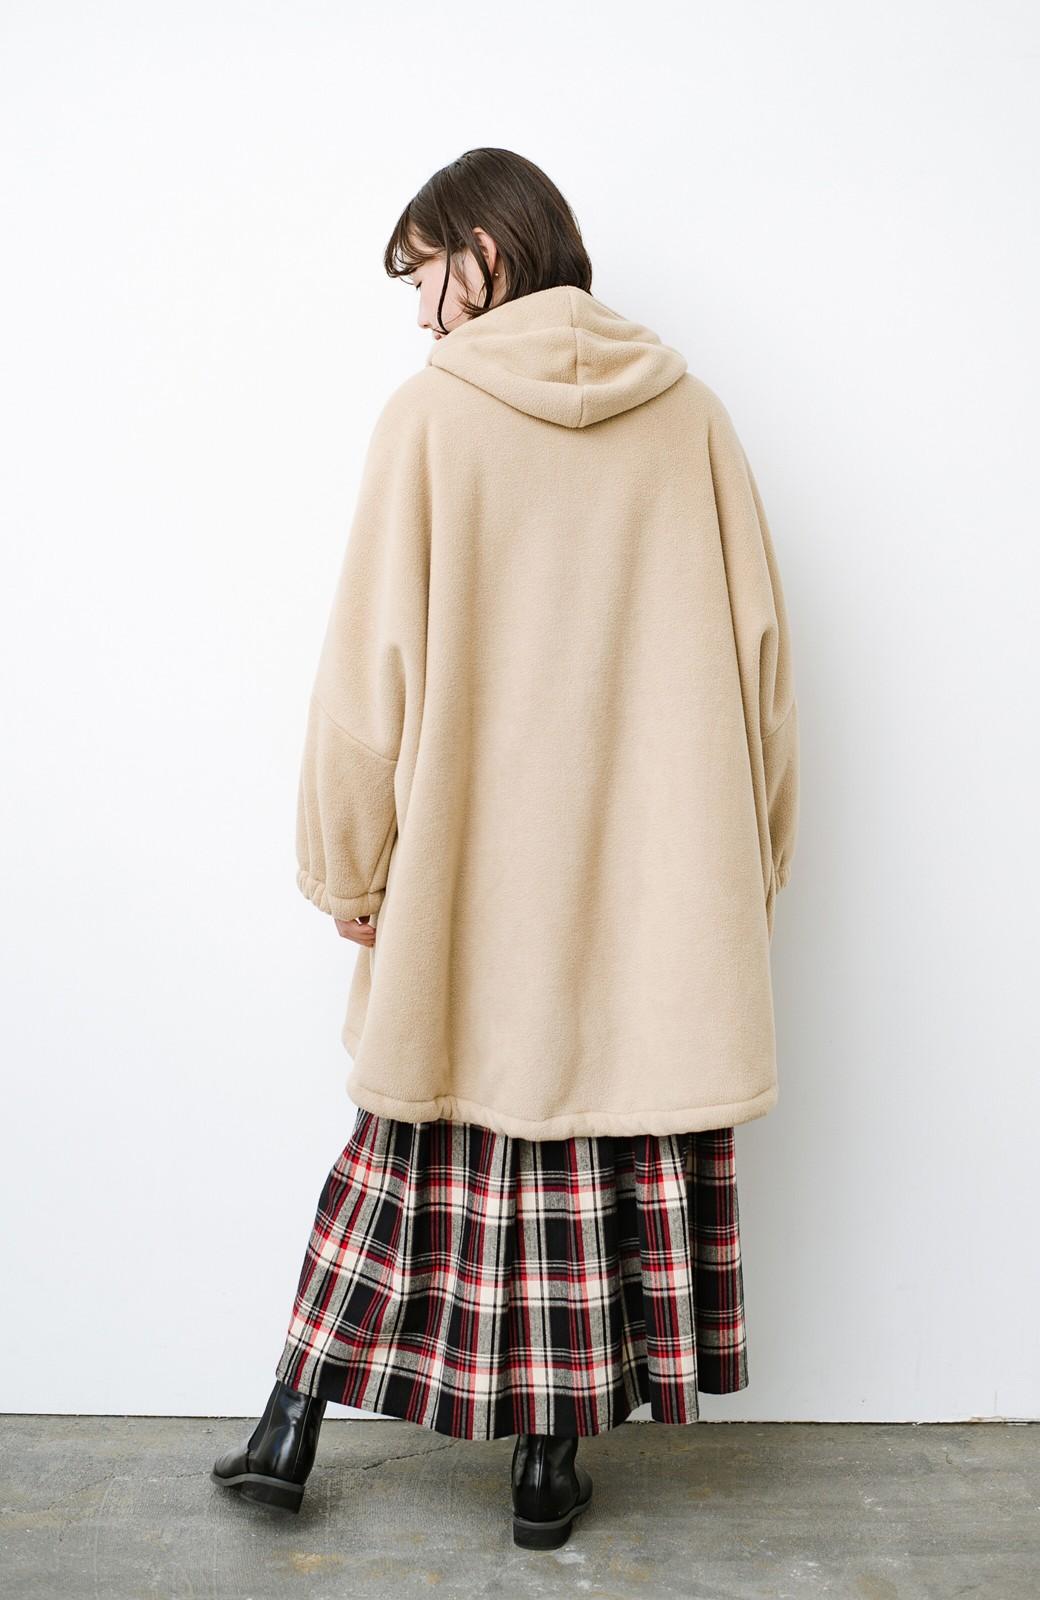 haco! さっと羽織って今っぽい ゆるっとサイズがかわいい裏起毛のあったかジャケットby Z of zampa Organic <ライトベージュ>の商品写真13